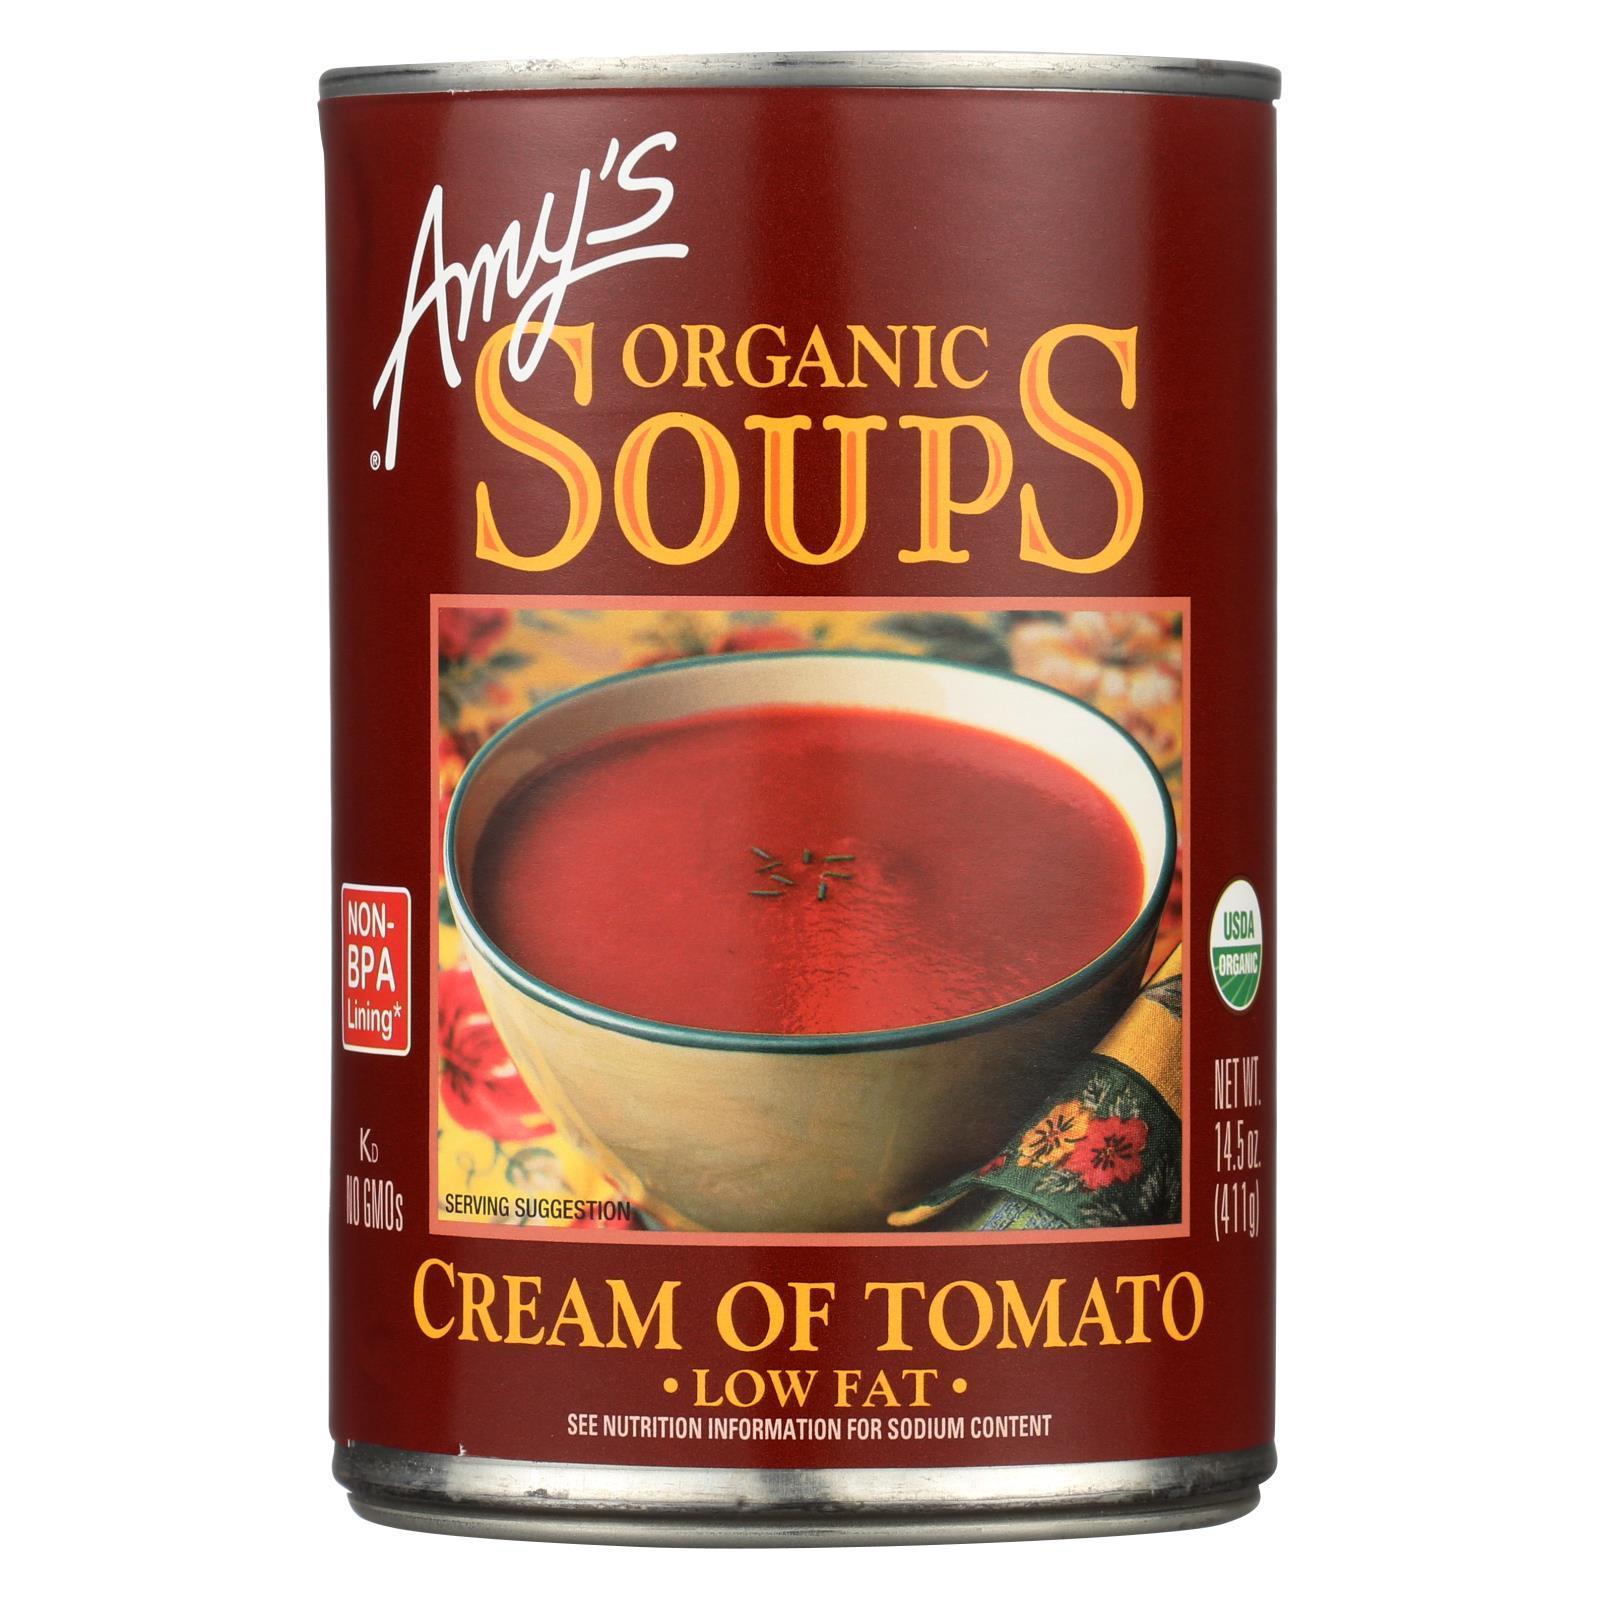 Amy's Soup - Low Fat - Case of 1 - 14.5 oz.